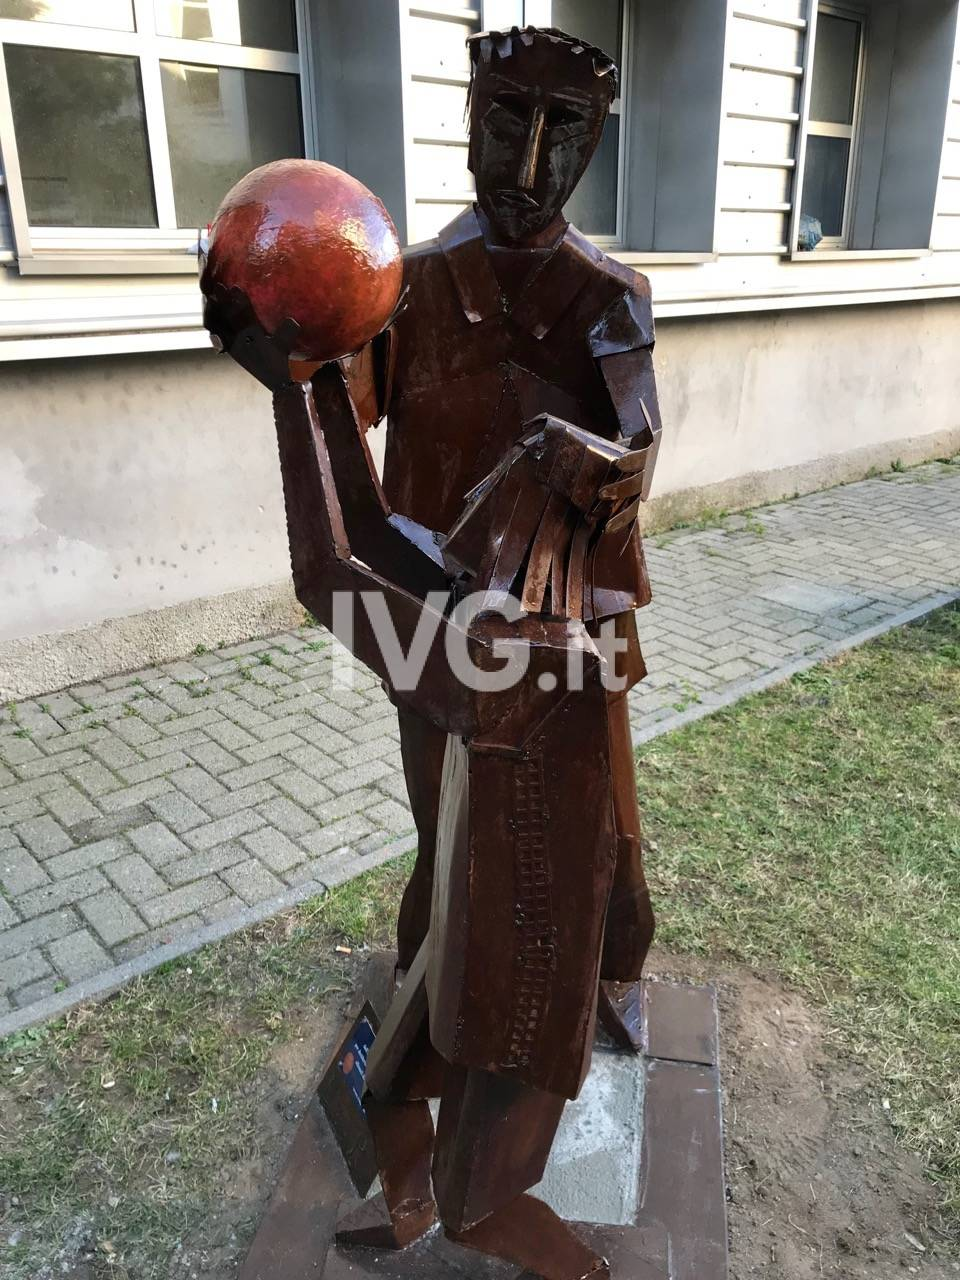 Inaugurata la statua in omaggio all'allenatore savonese Settimio Pagnini